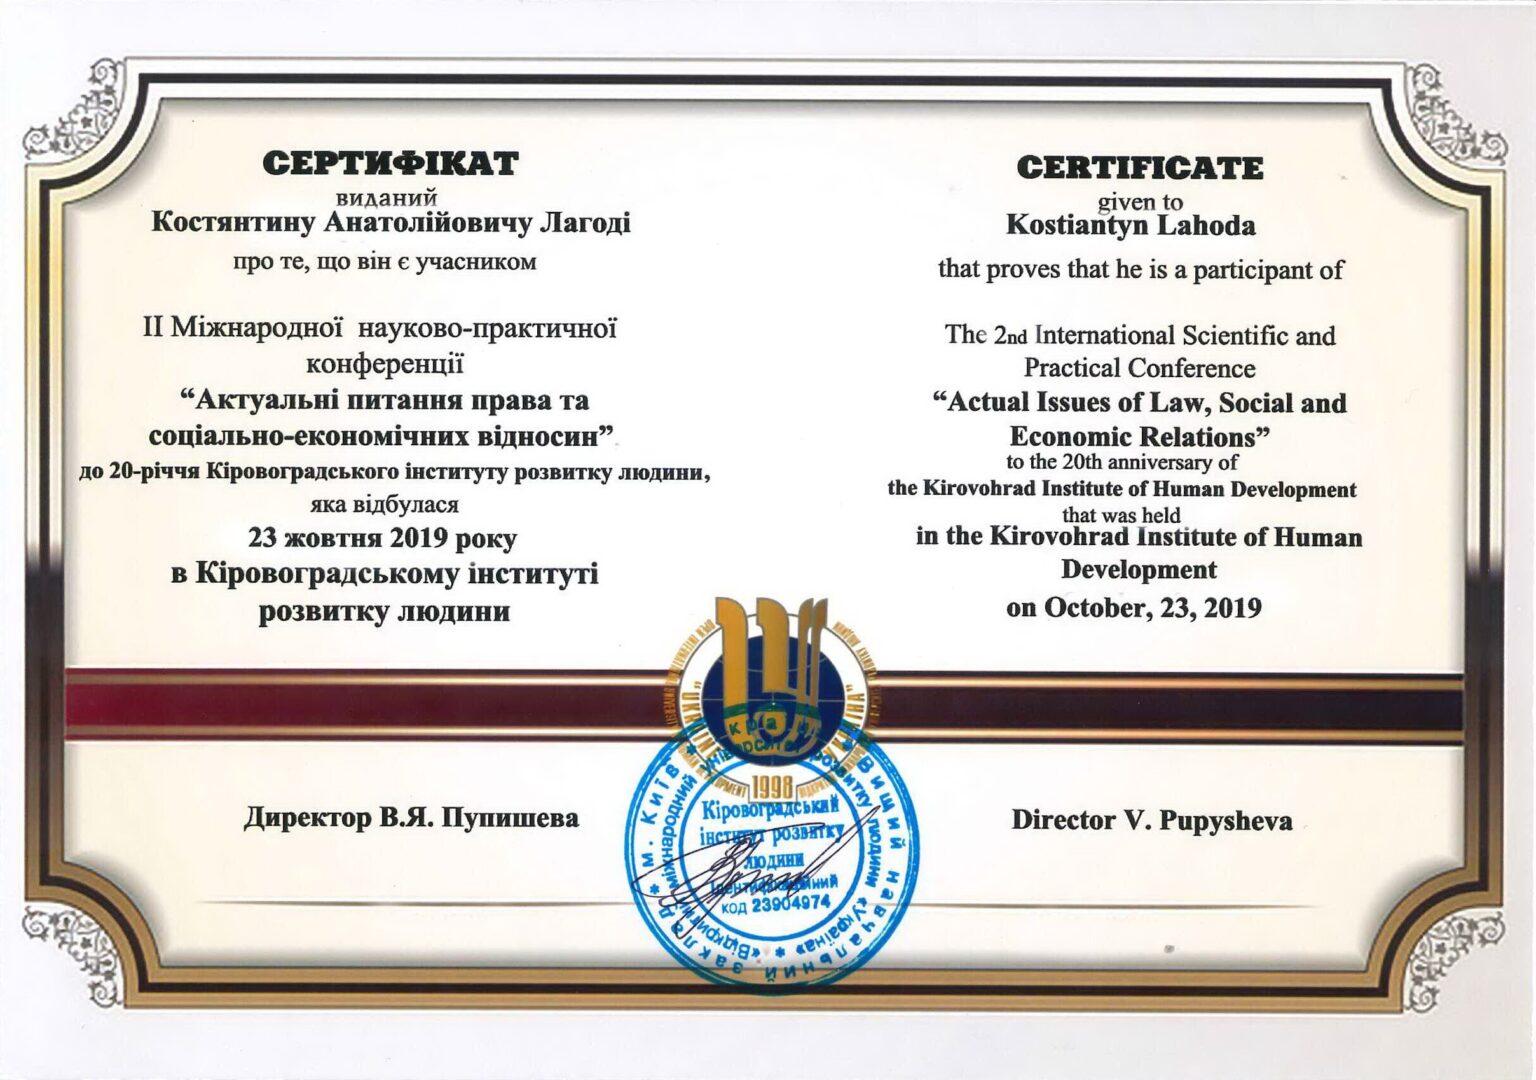 Сертифікат учасника в конференції